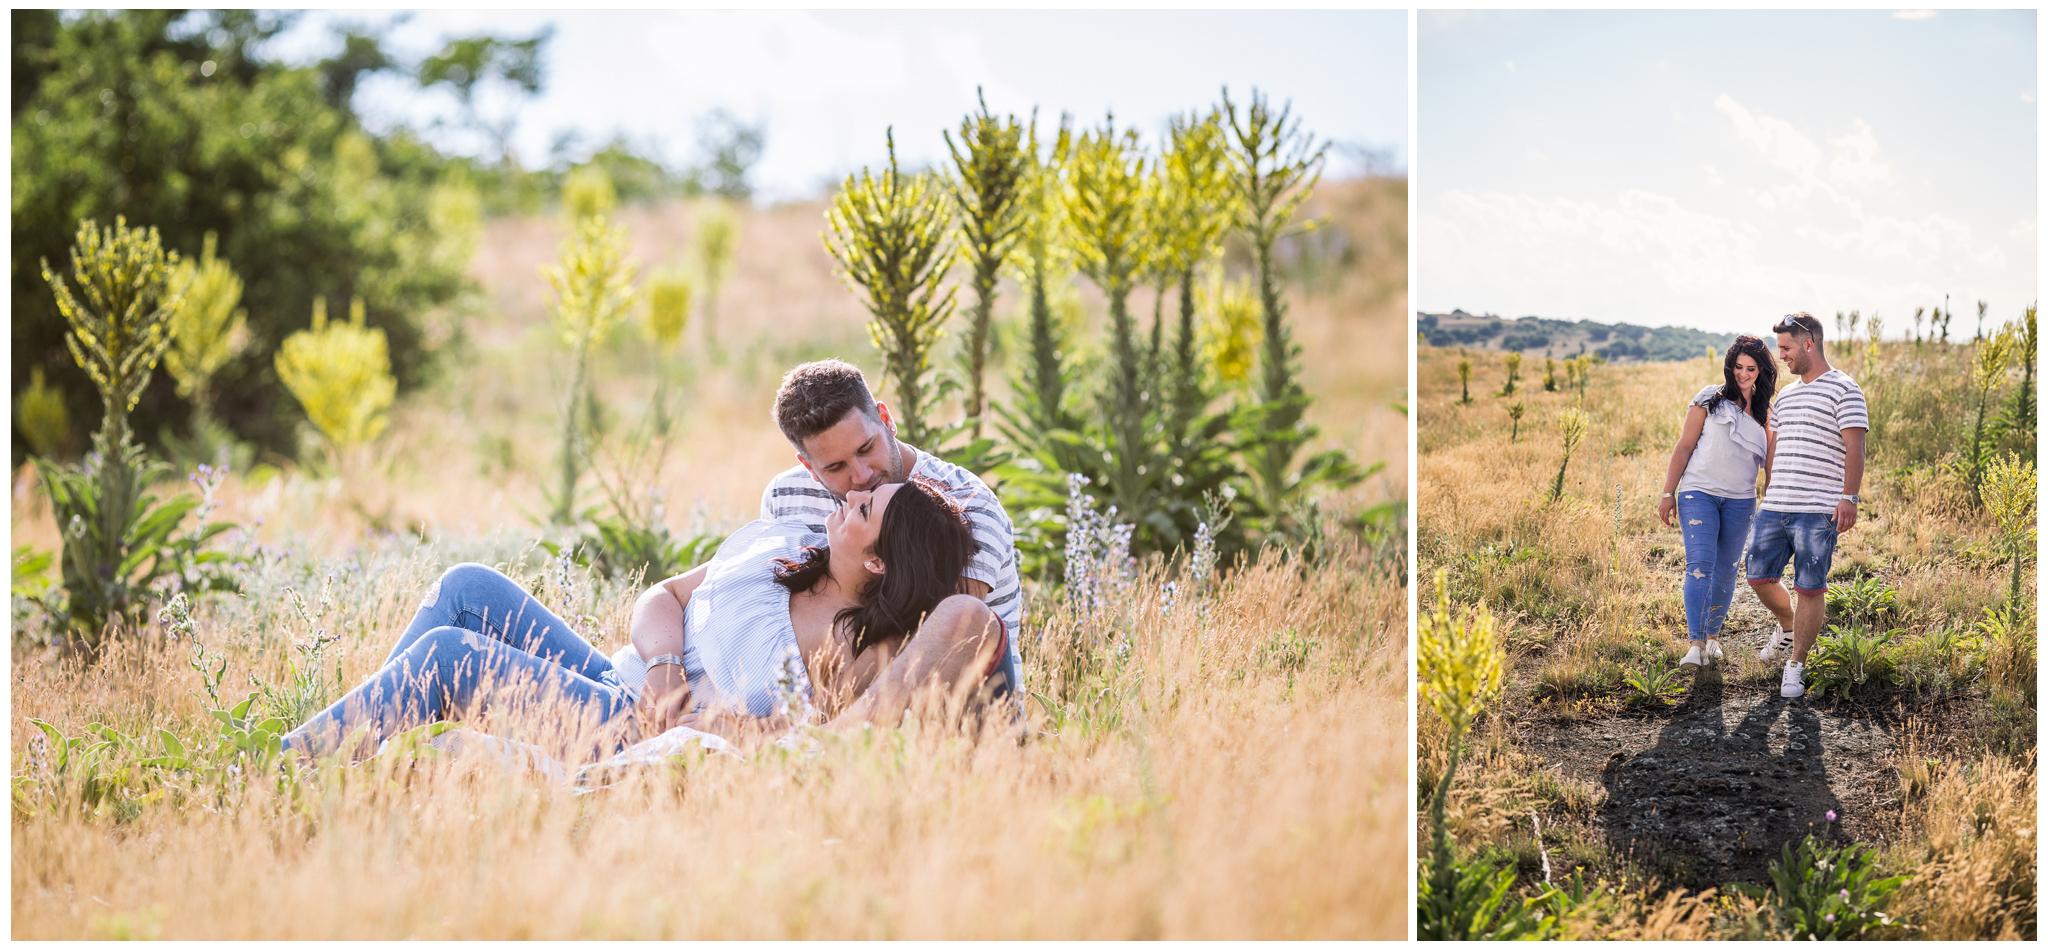 FylepPhoto, esküvőfotózás, magyarország, esküvői fotós, vasmegye, prémium, jegyesfotózás, Fülöp Péter, körmend, kreatív 04.jpg